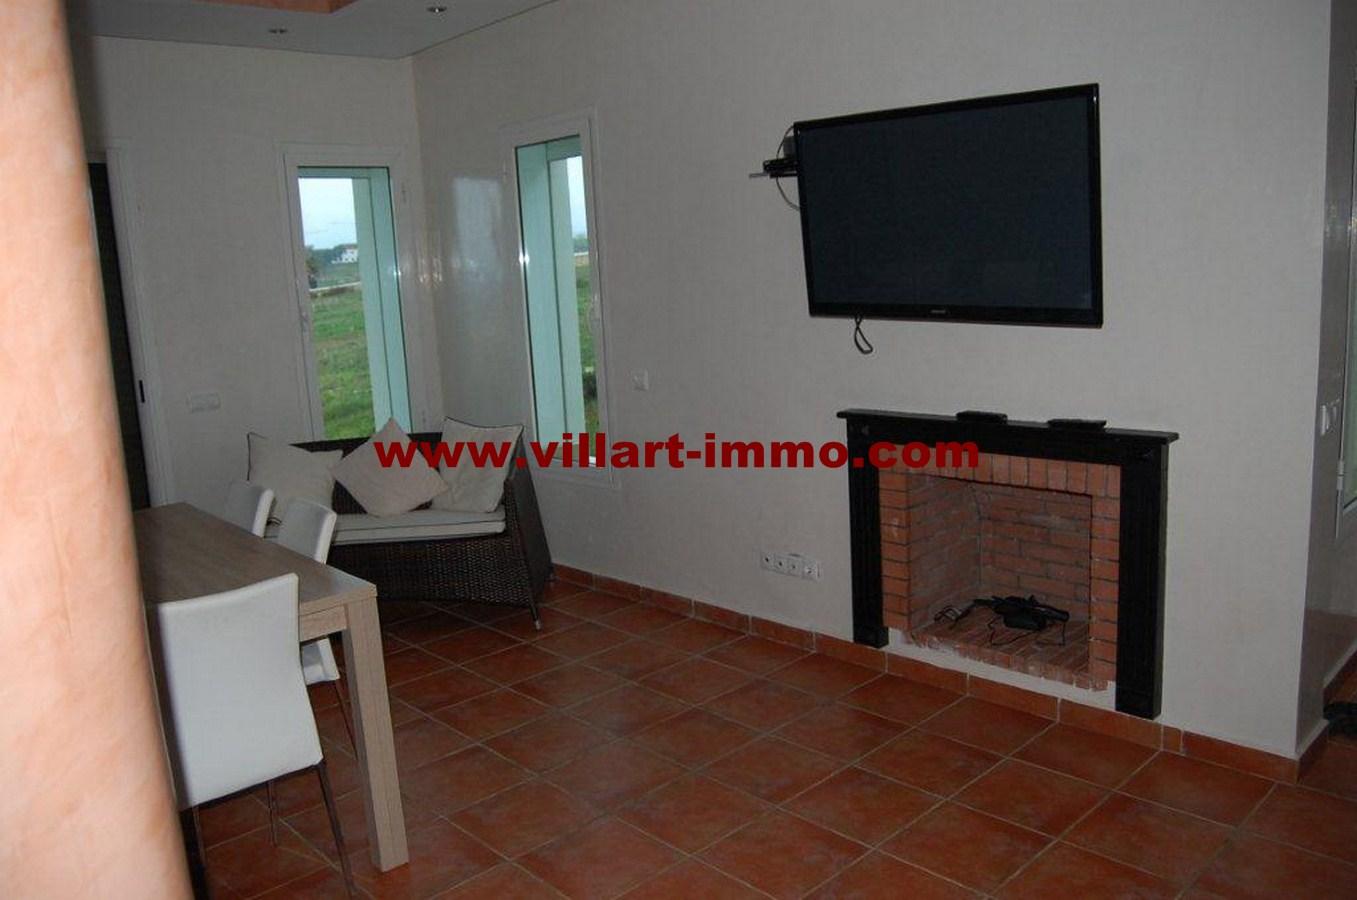 13-Vente-Villa-Tétouan-Fnideq-Projet-VPD-Villart Immo